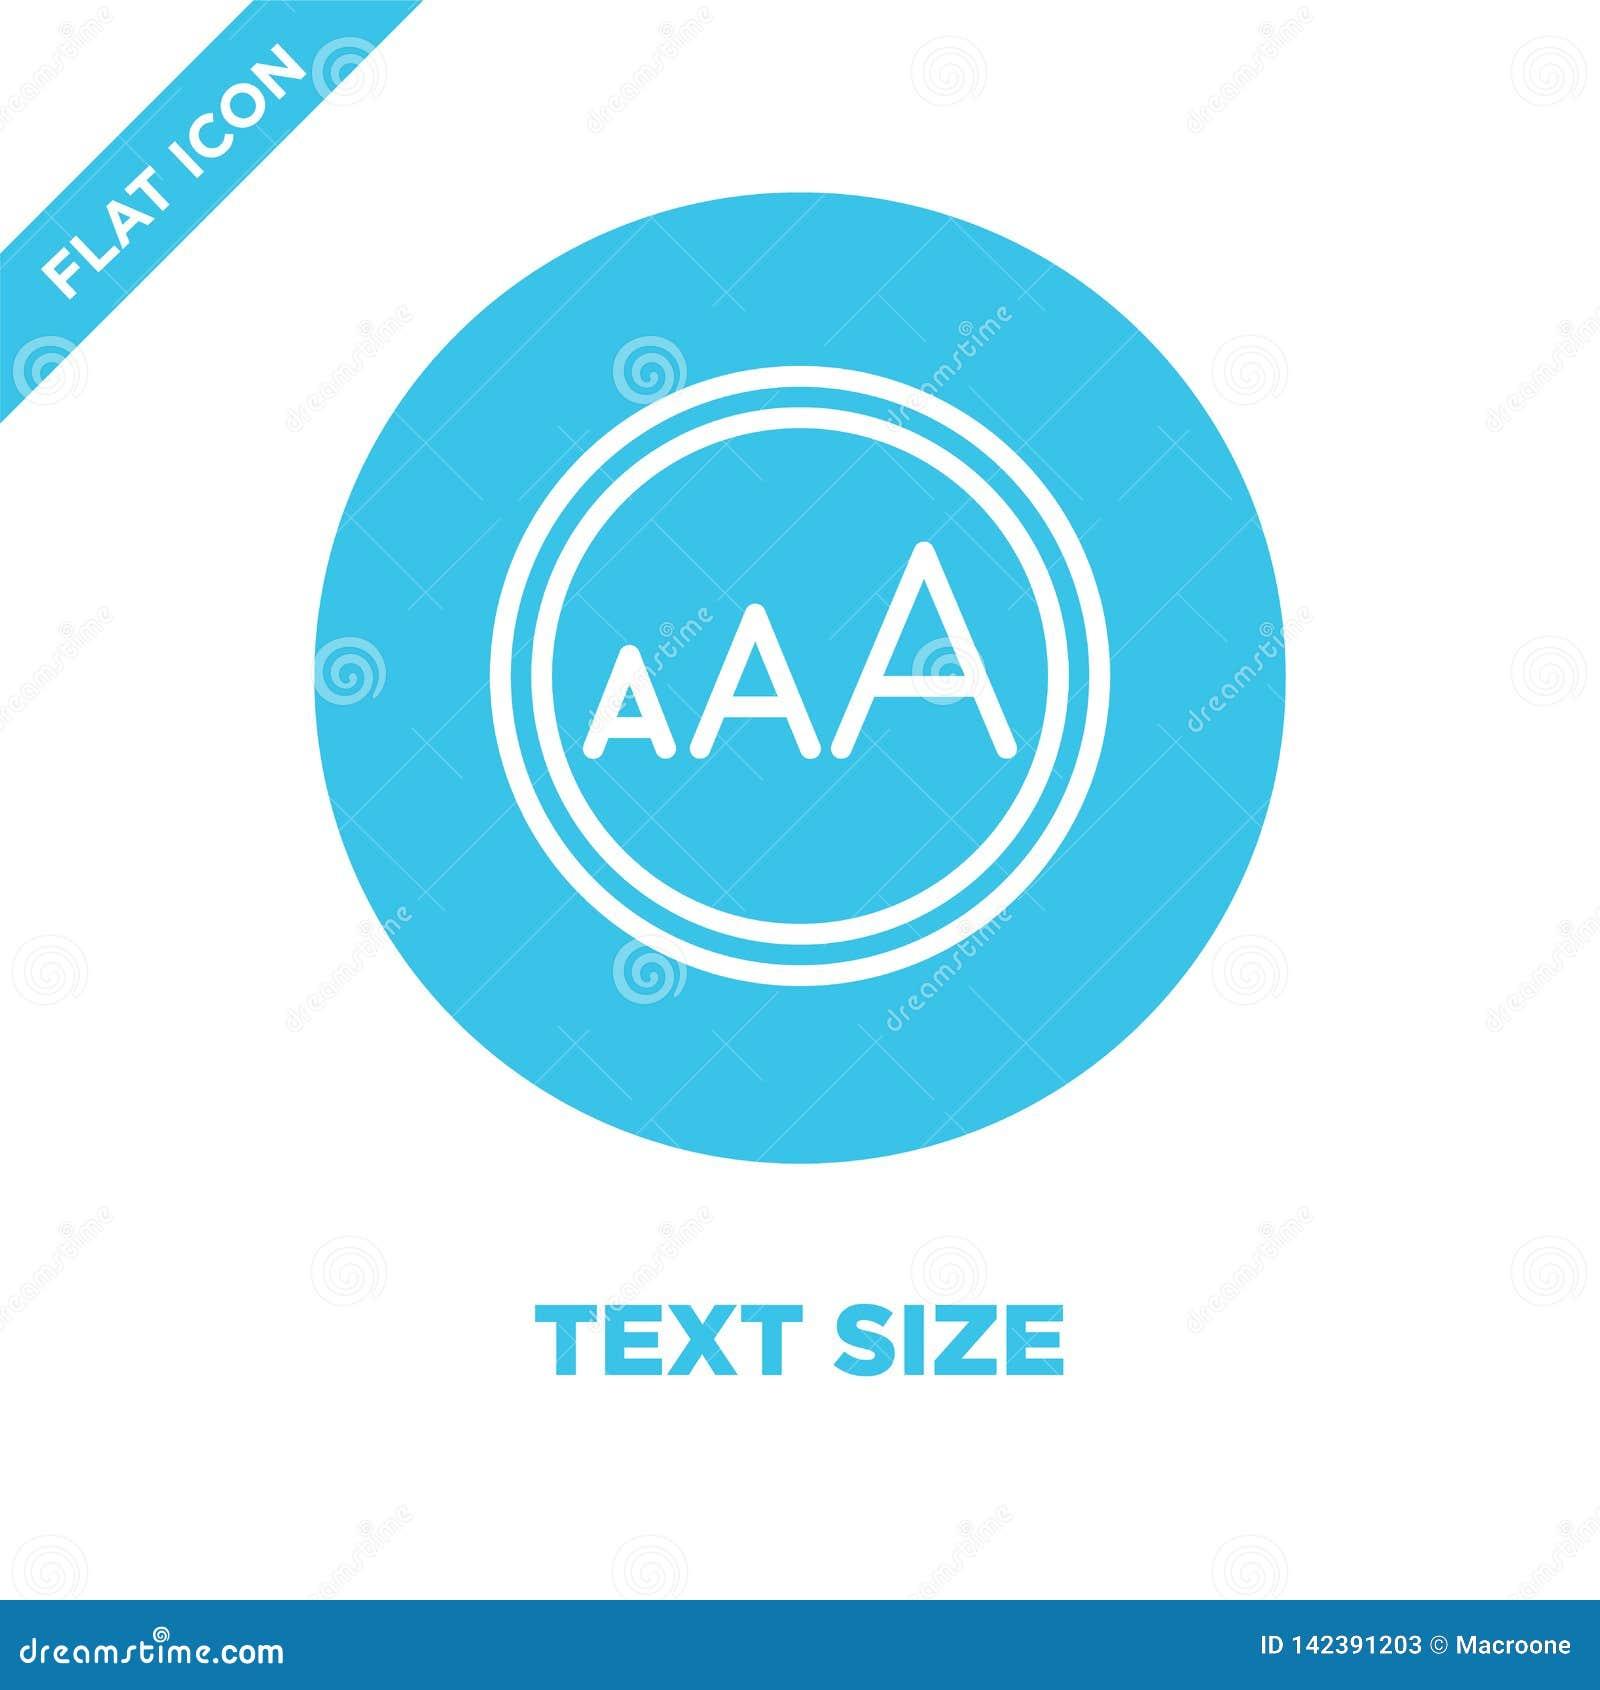 Vetor do ícone do tamanho do texto da coleção da acessibilidade Linha fina ilustração do vetor do ícone do esboço do tamanho do t